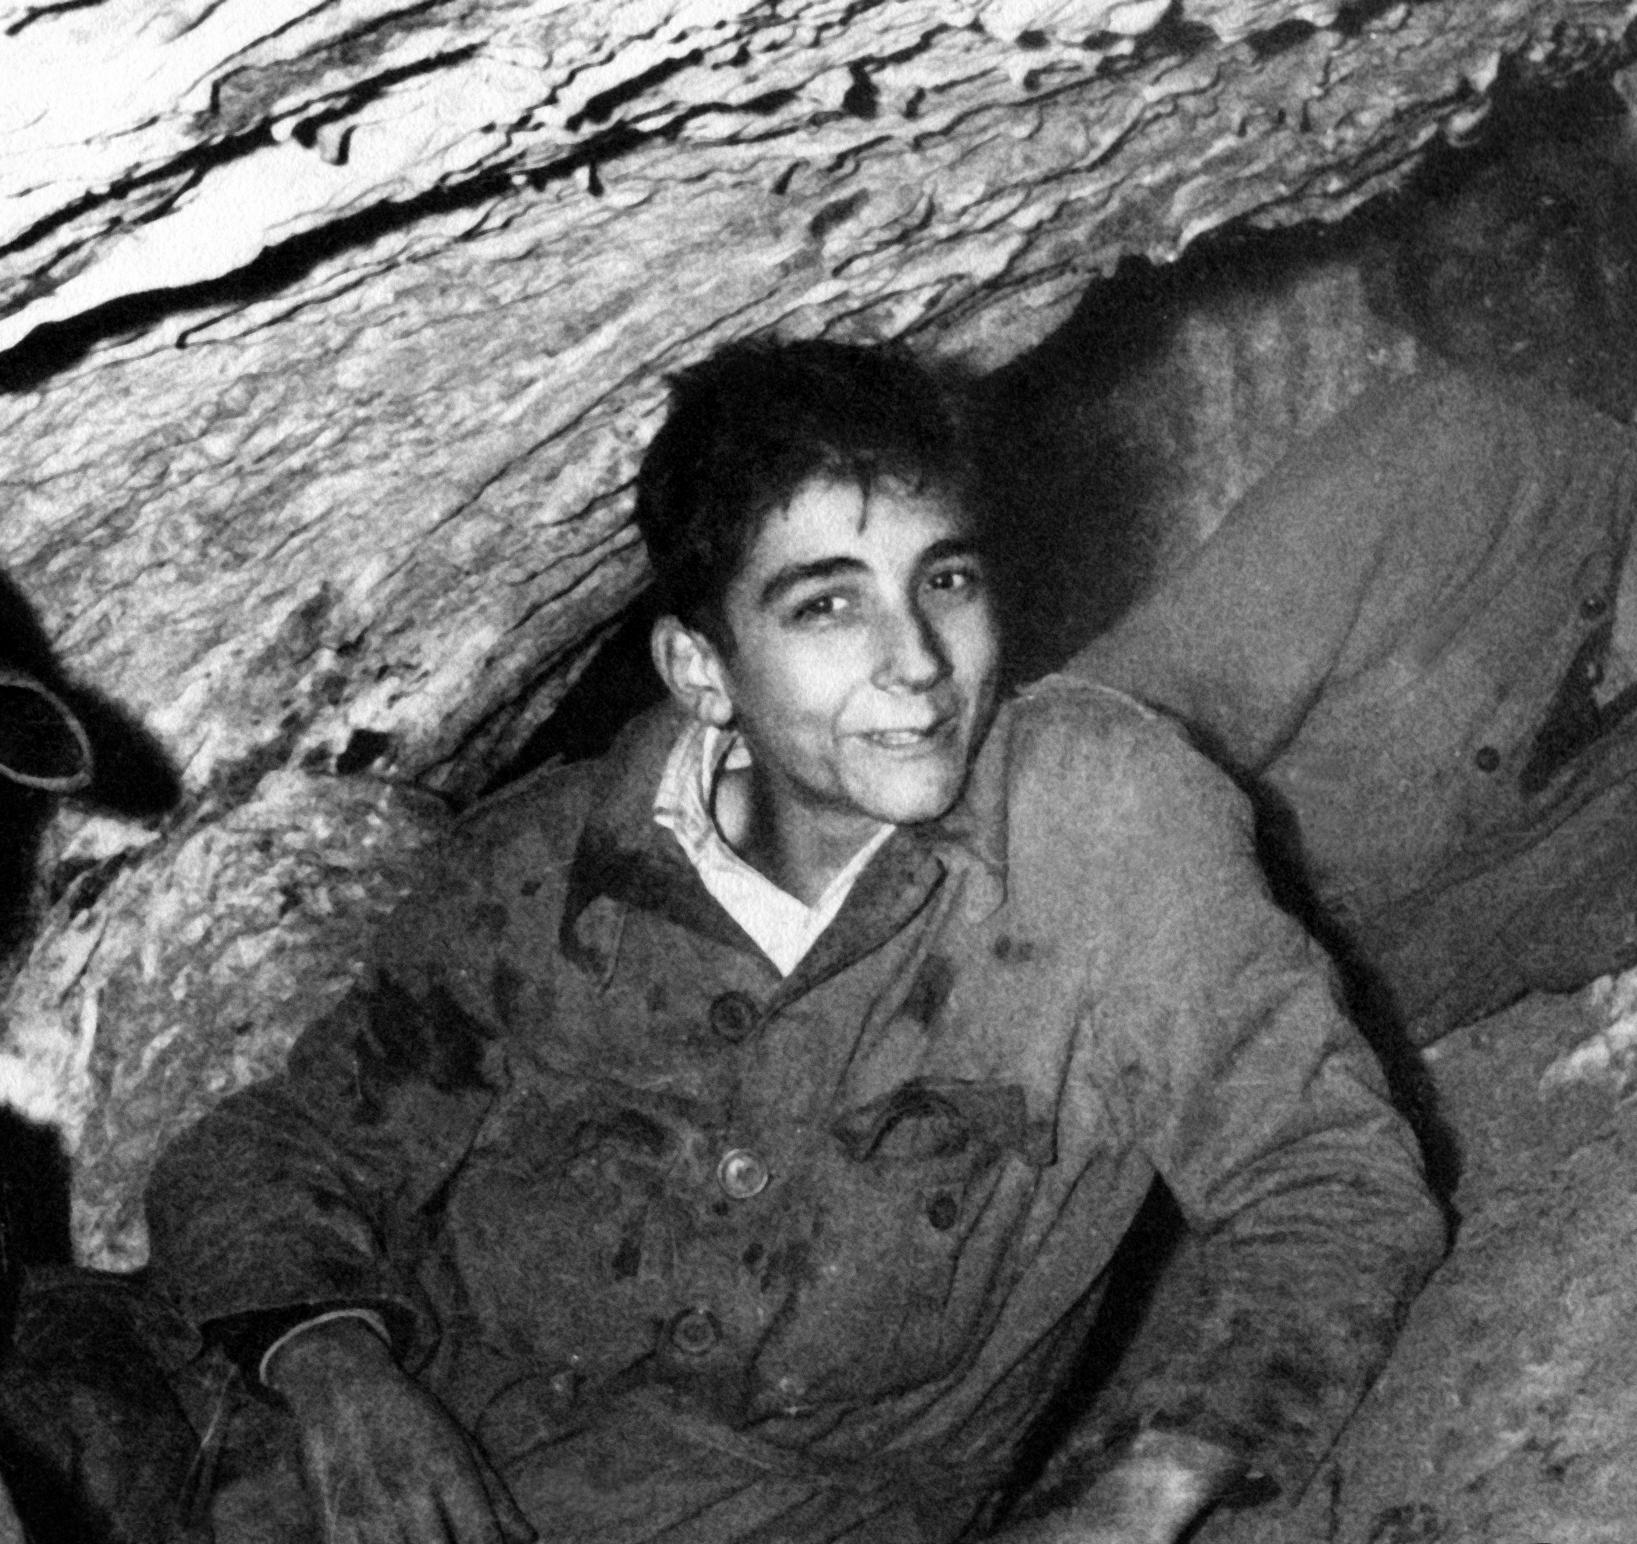 Antonio Mediavilla (GEJAM) en la Cueva de Los Murciélagos de Zuheros, en 1962